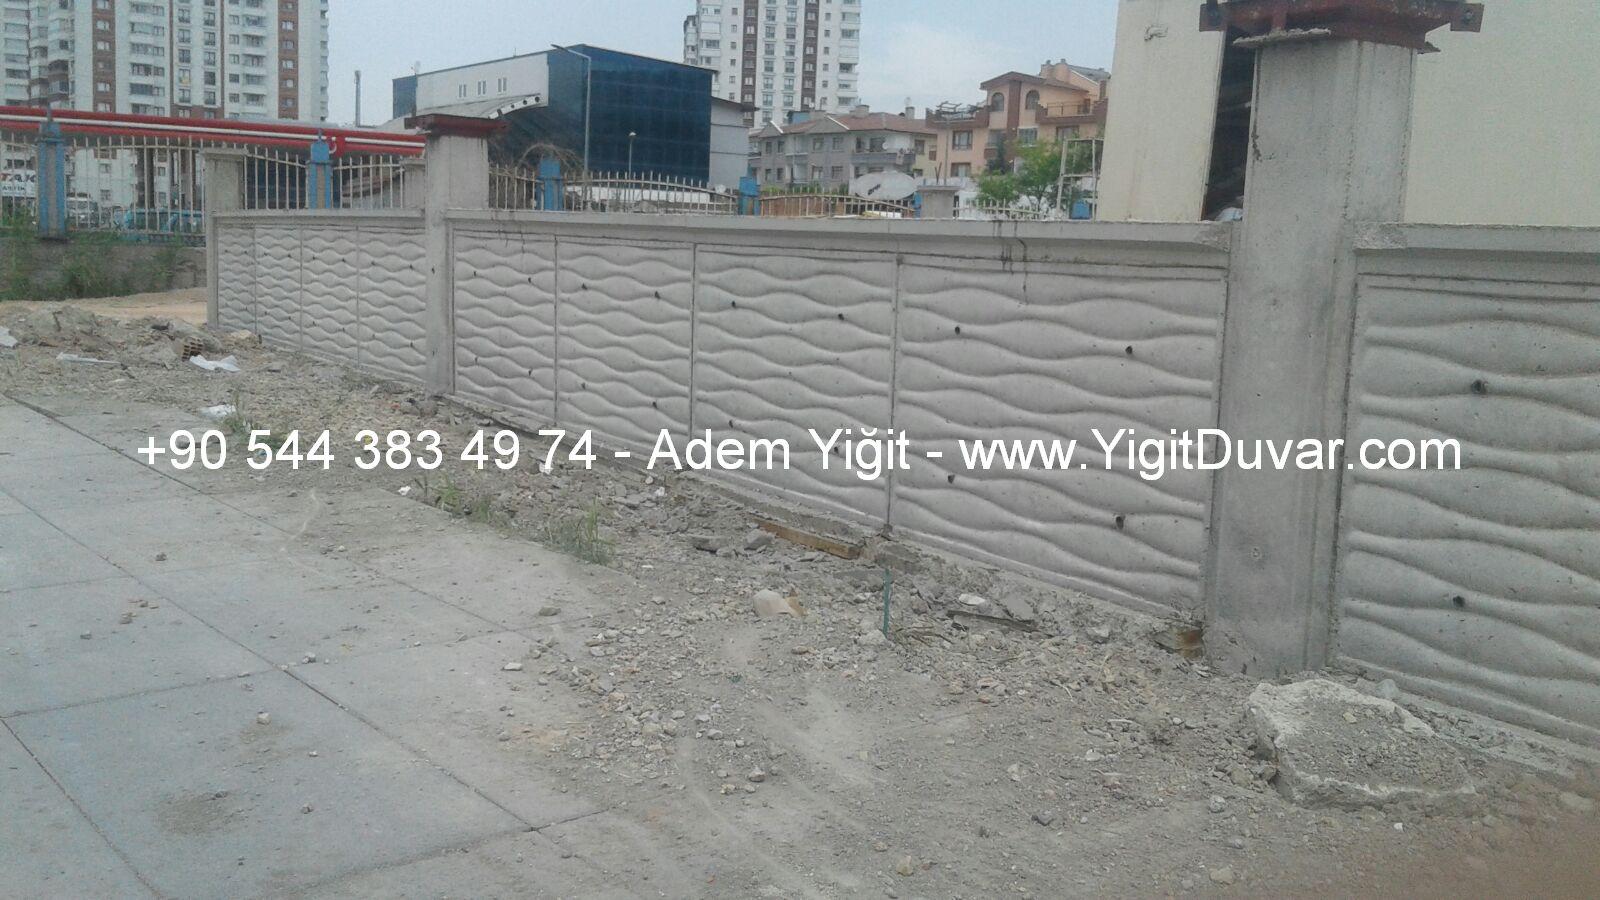 Ankara-duvar-ustasi-IMG-20180524-WA0092